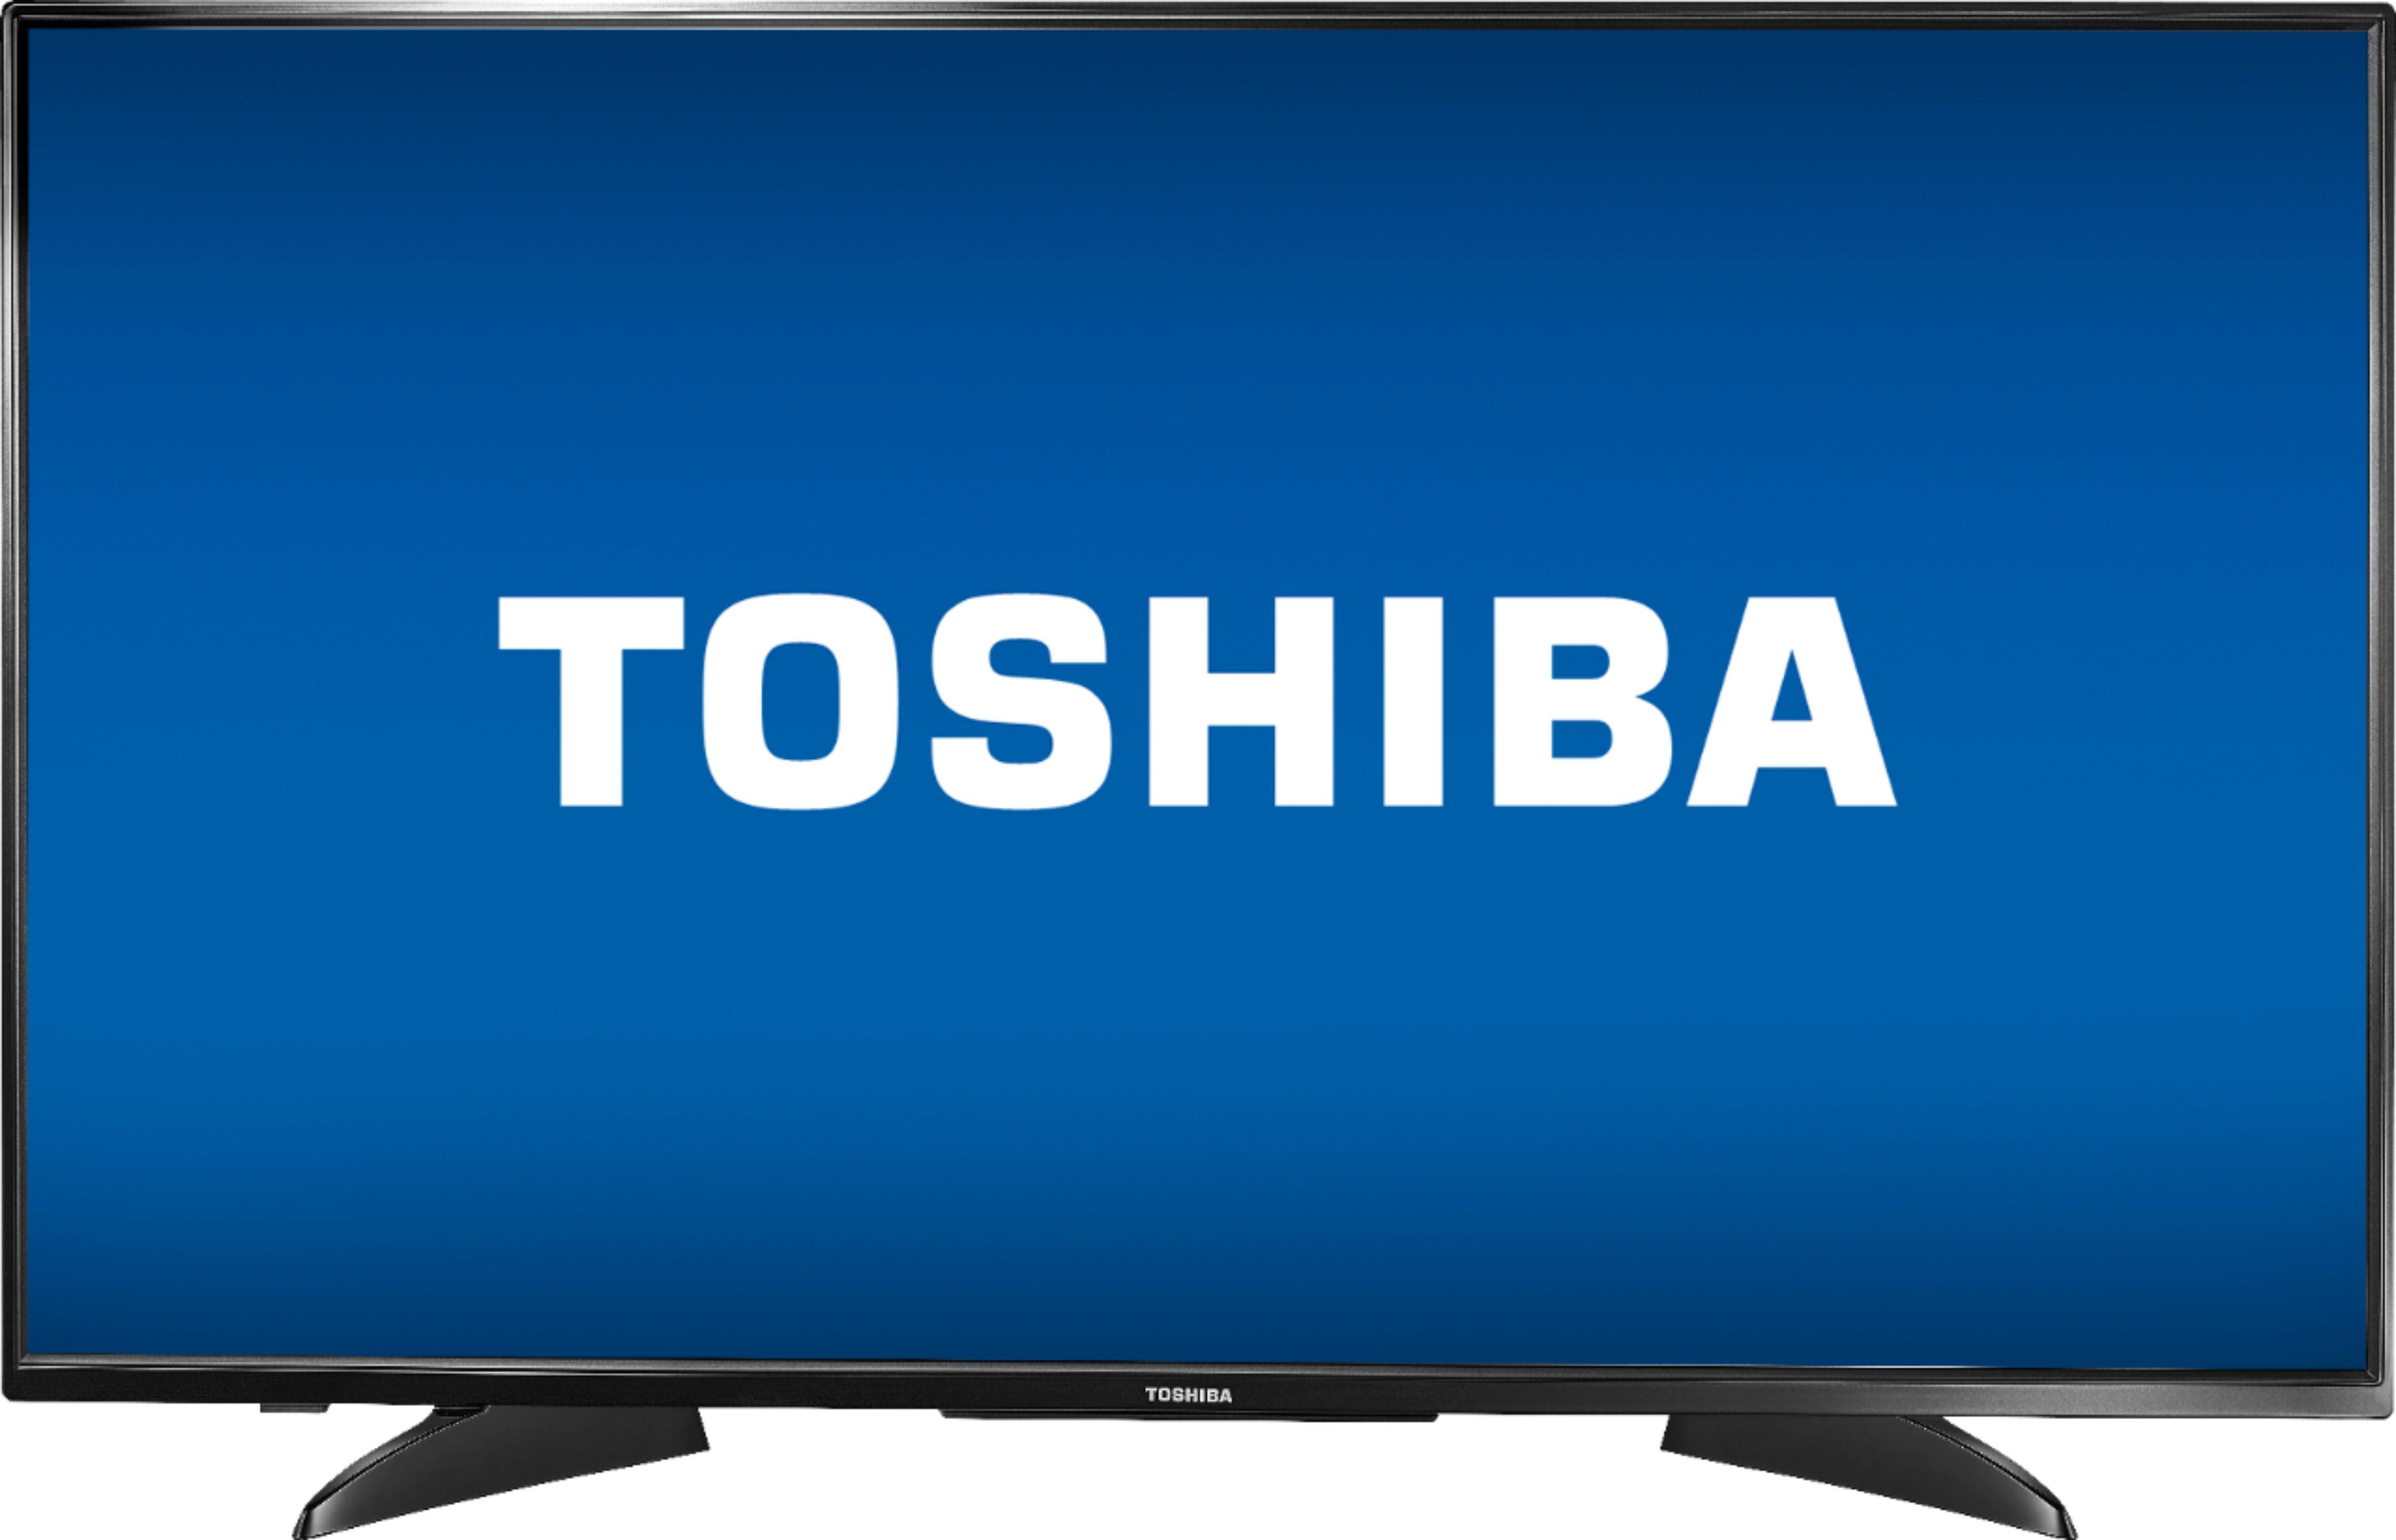 Image 5 for Toshiba 43LF621U19